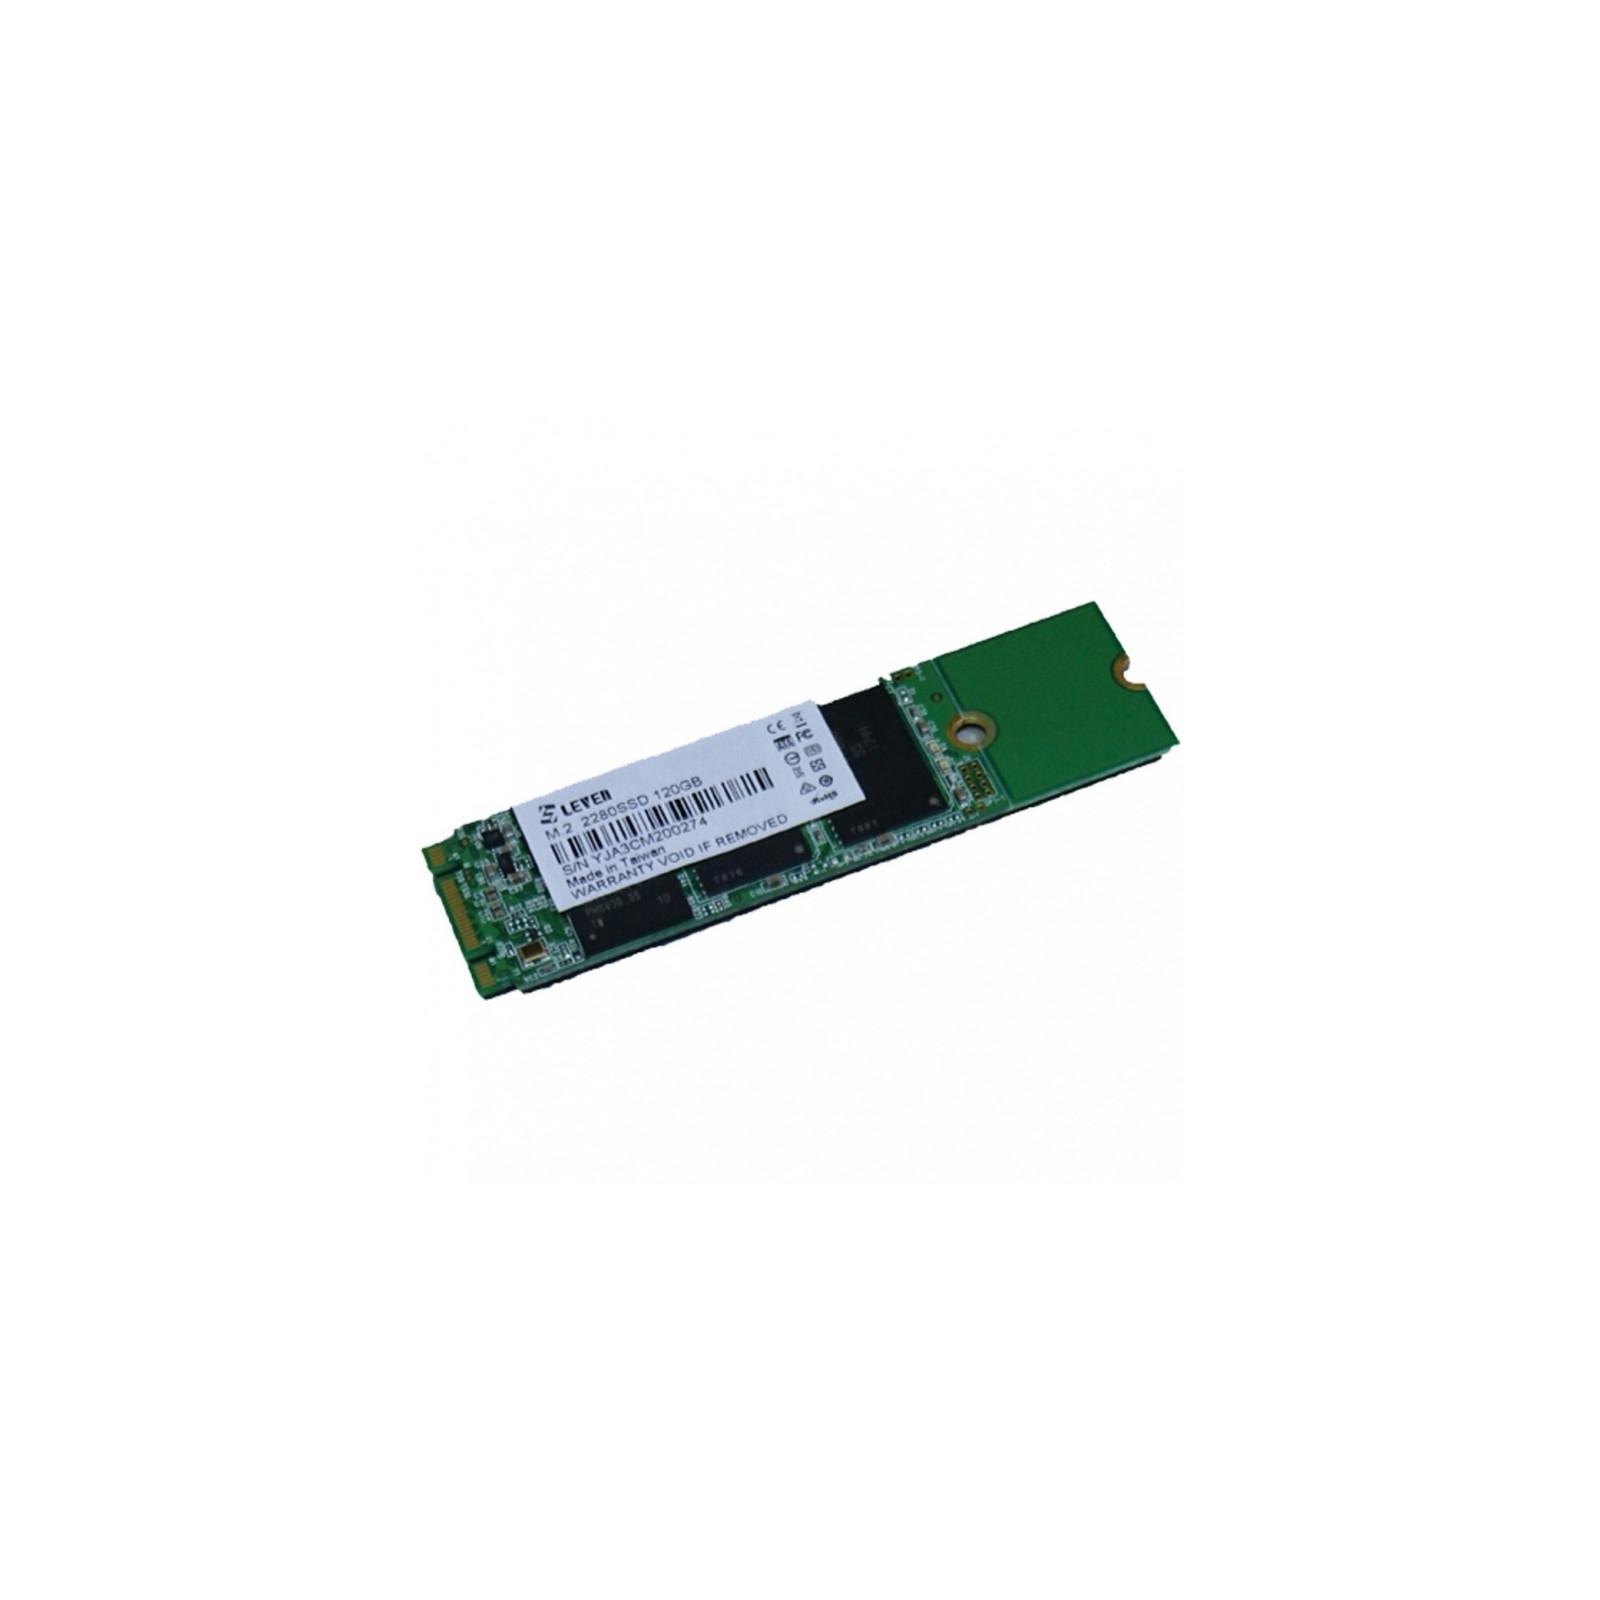 Накопитель SSD M.2 2280 120GB LEVEN (JM300M2-2280120GB)